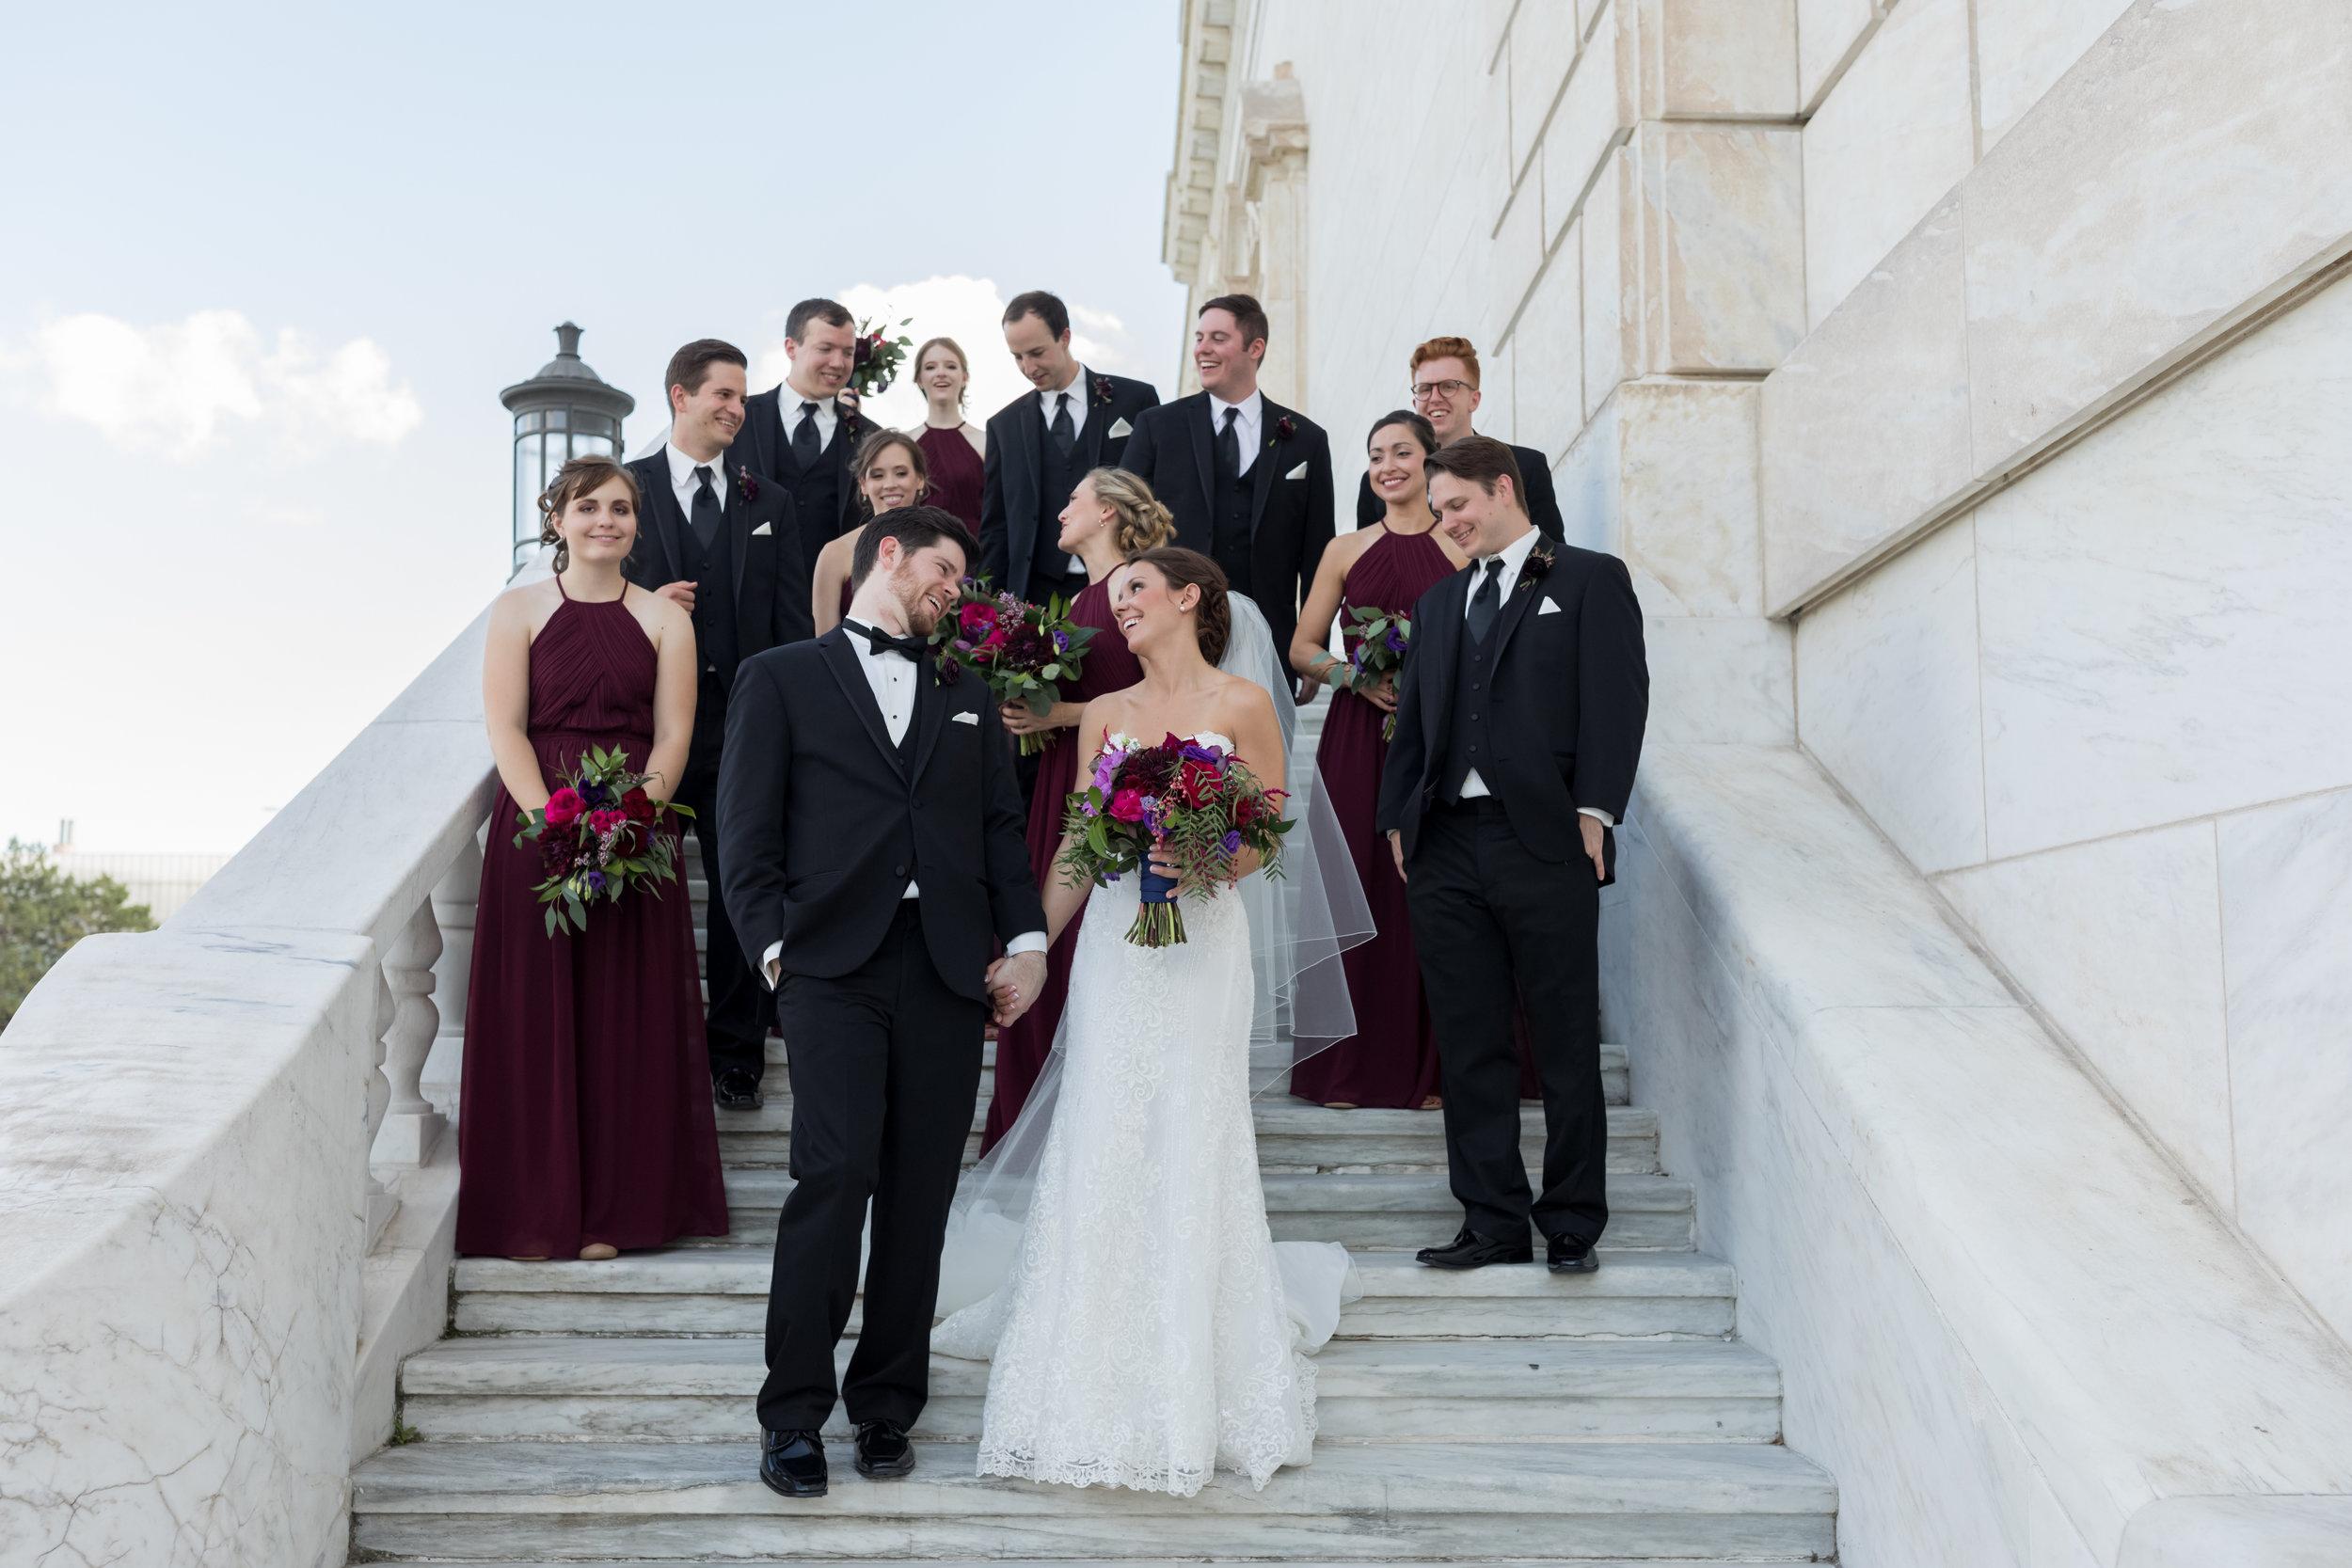 shareyah_John_detroit_wedding_preview_049.JPG